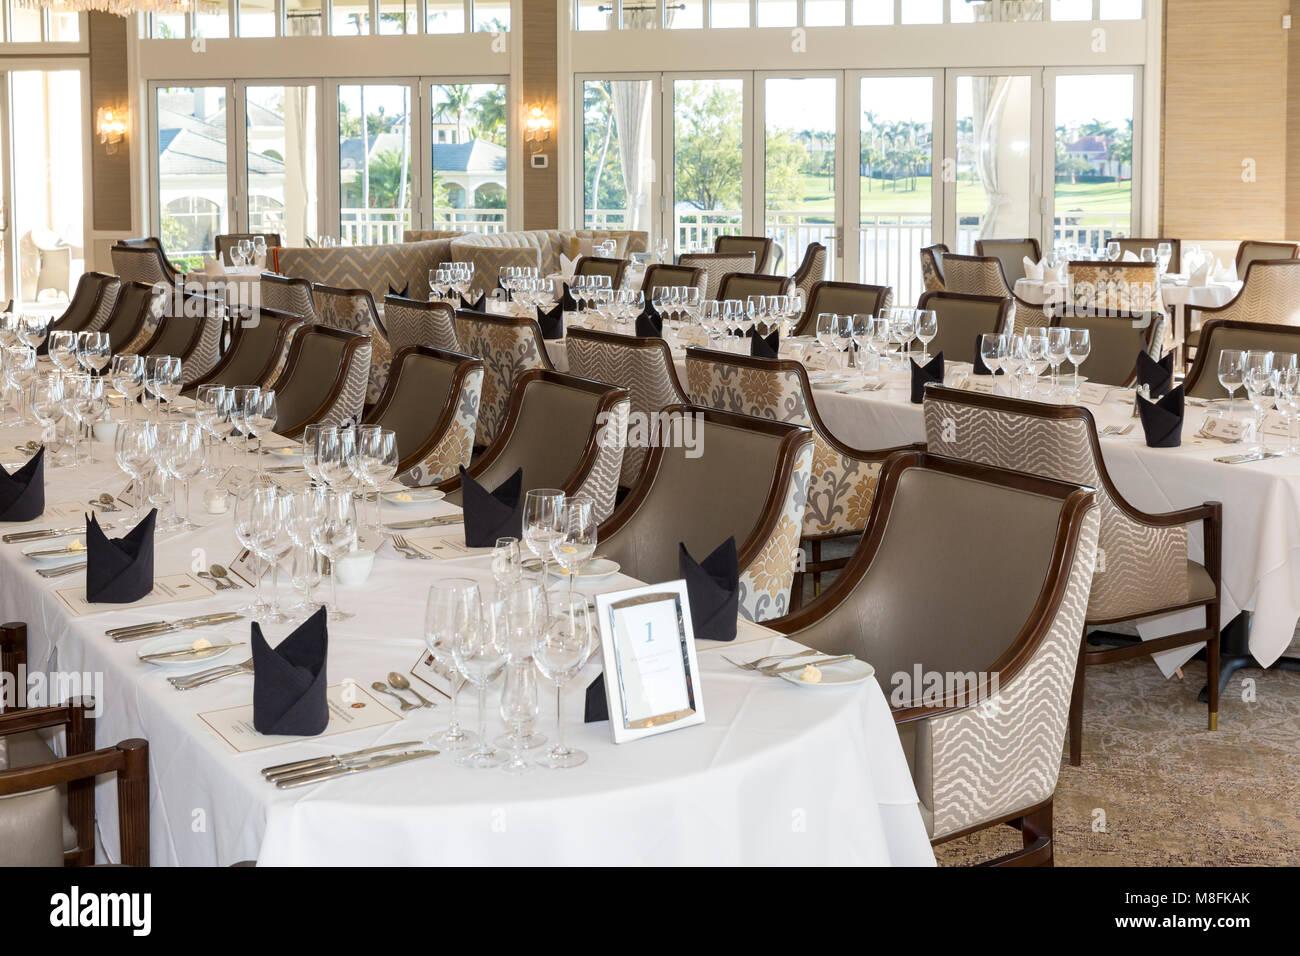 Bankett Tische, und legen Sie die Einstellungen für formale Wine Club Abendessen, Naples, Florida, USA Stockbild